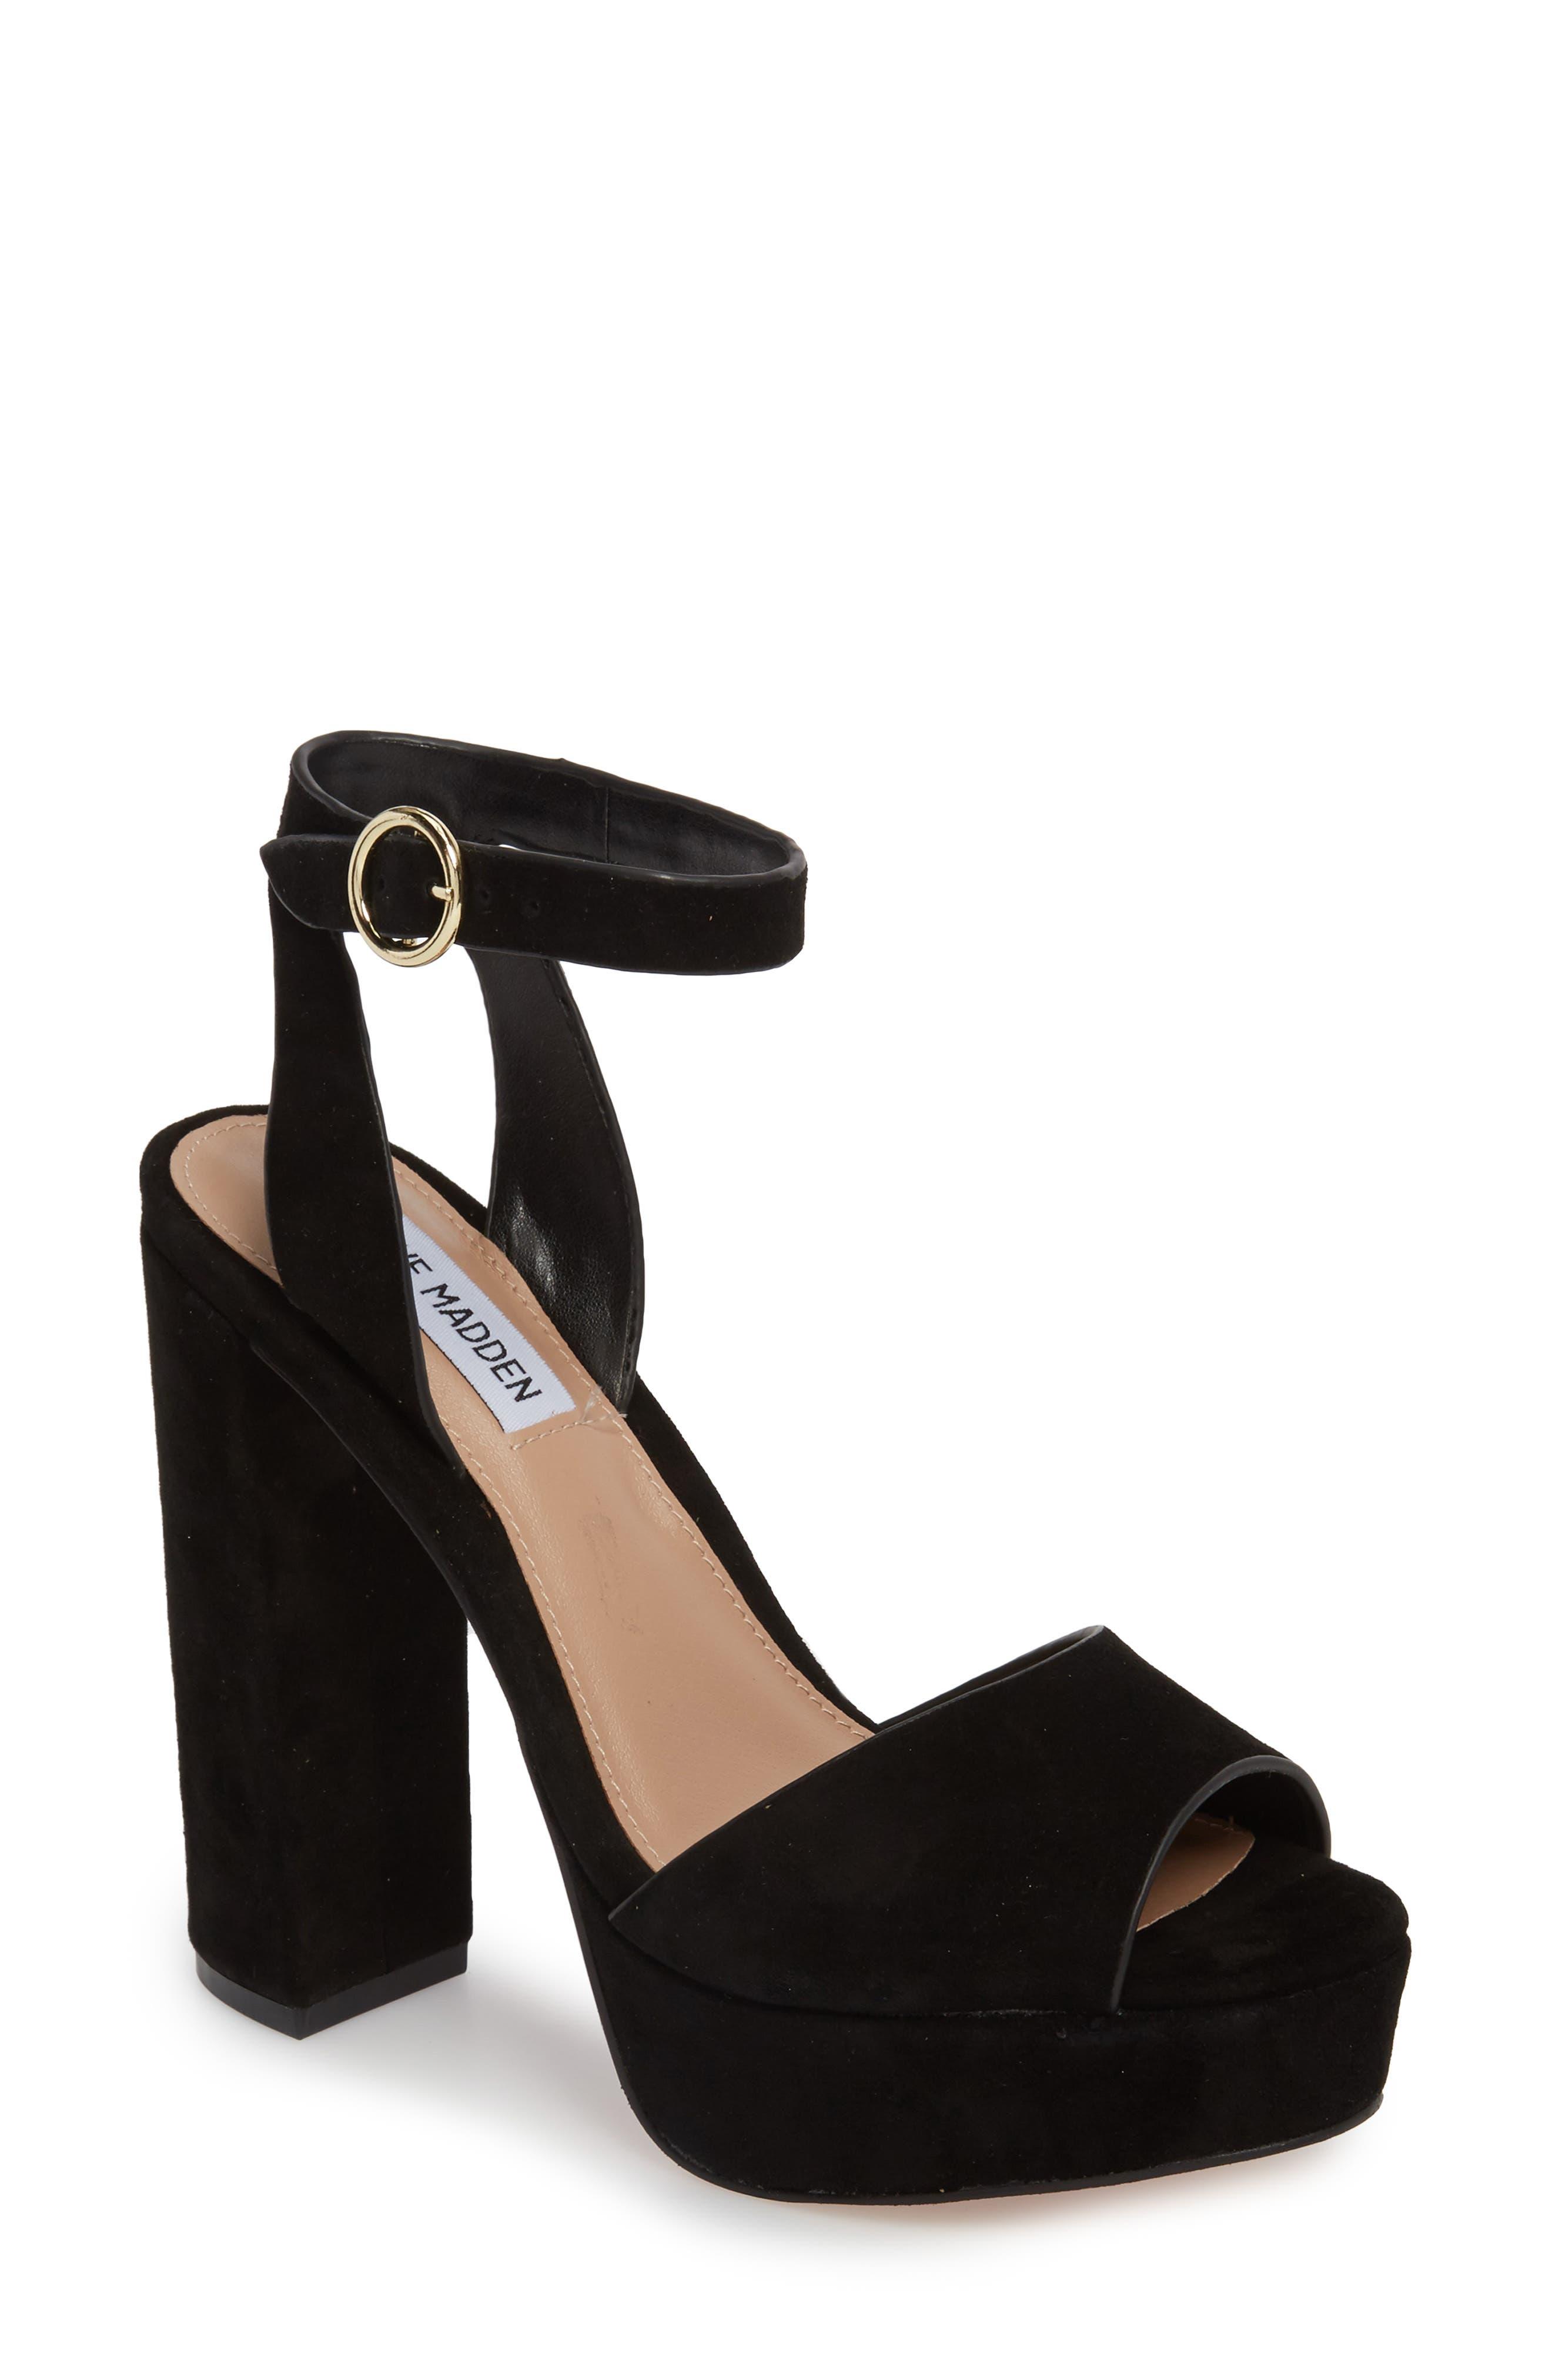 Madeline Platform Sandal,                             Main thumbnail 1, color,                             BLACK SUEDE